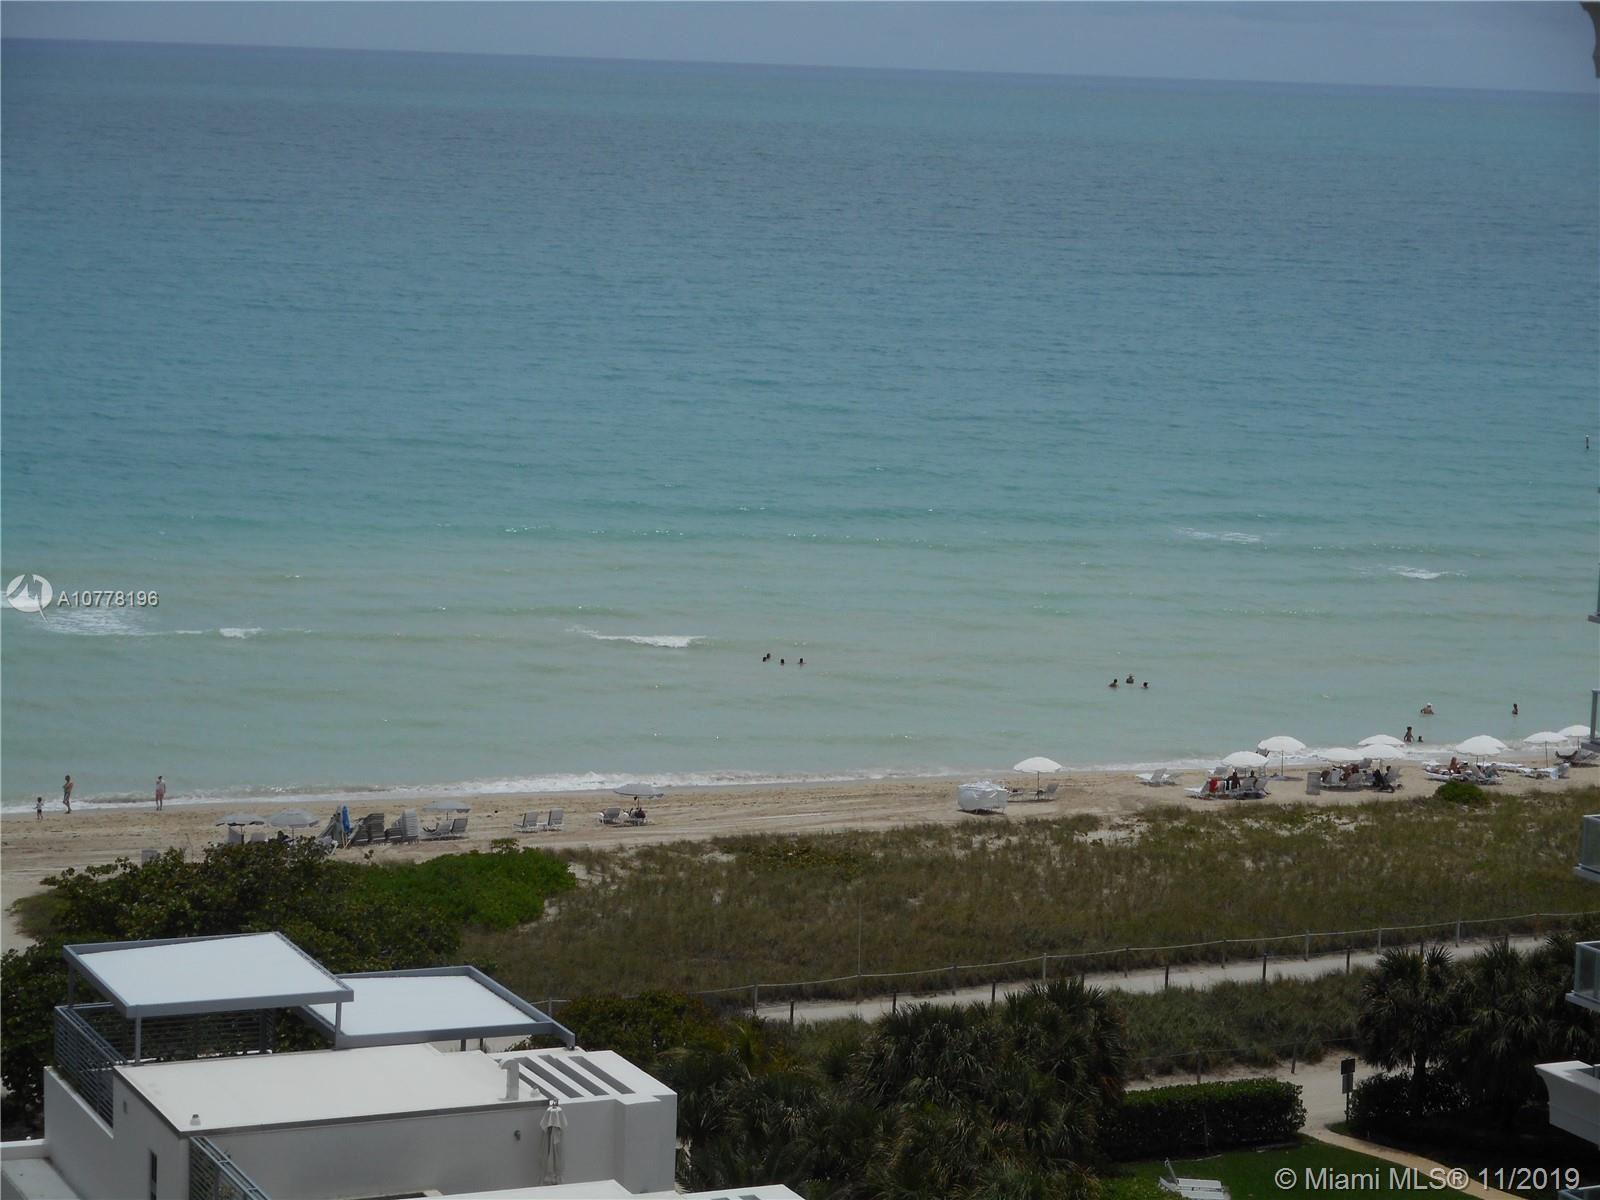 9511 Collins Ave #1209, Surfside, FL 33154 - #: A10778196